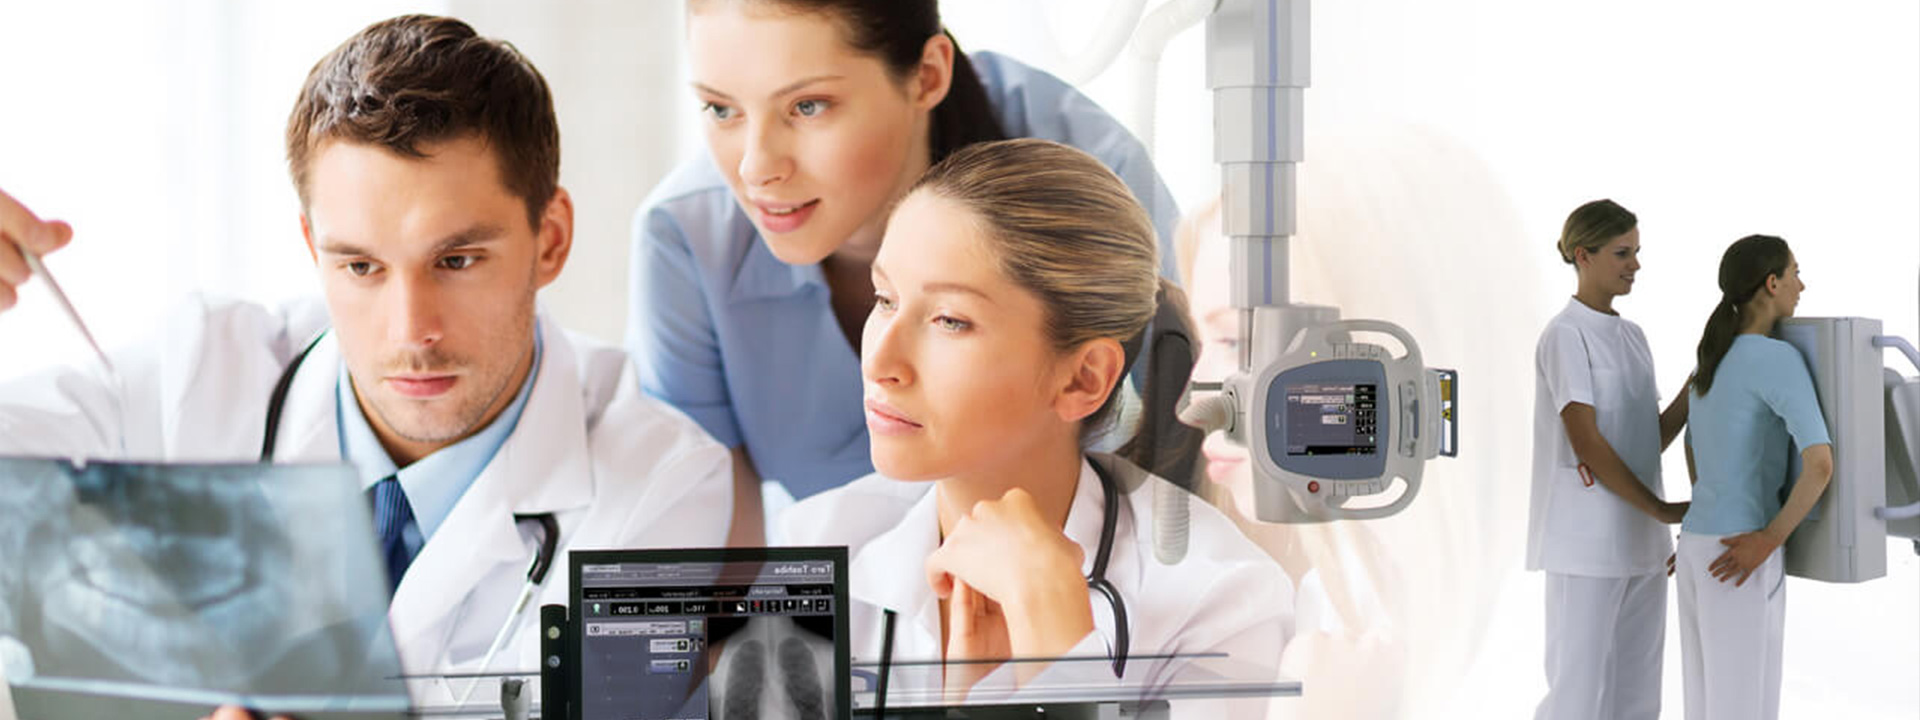 Treinamentos em noções básicas de proteção radiológica